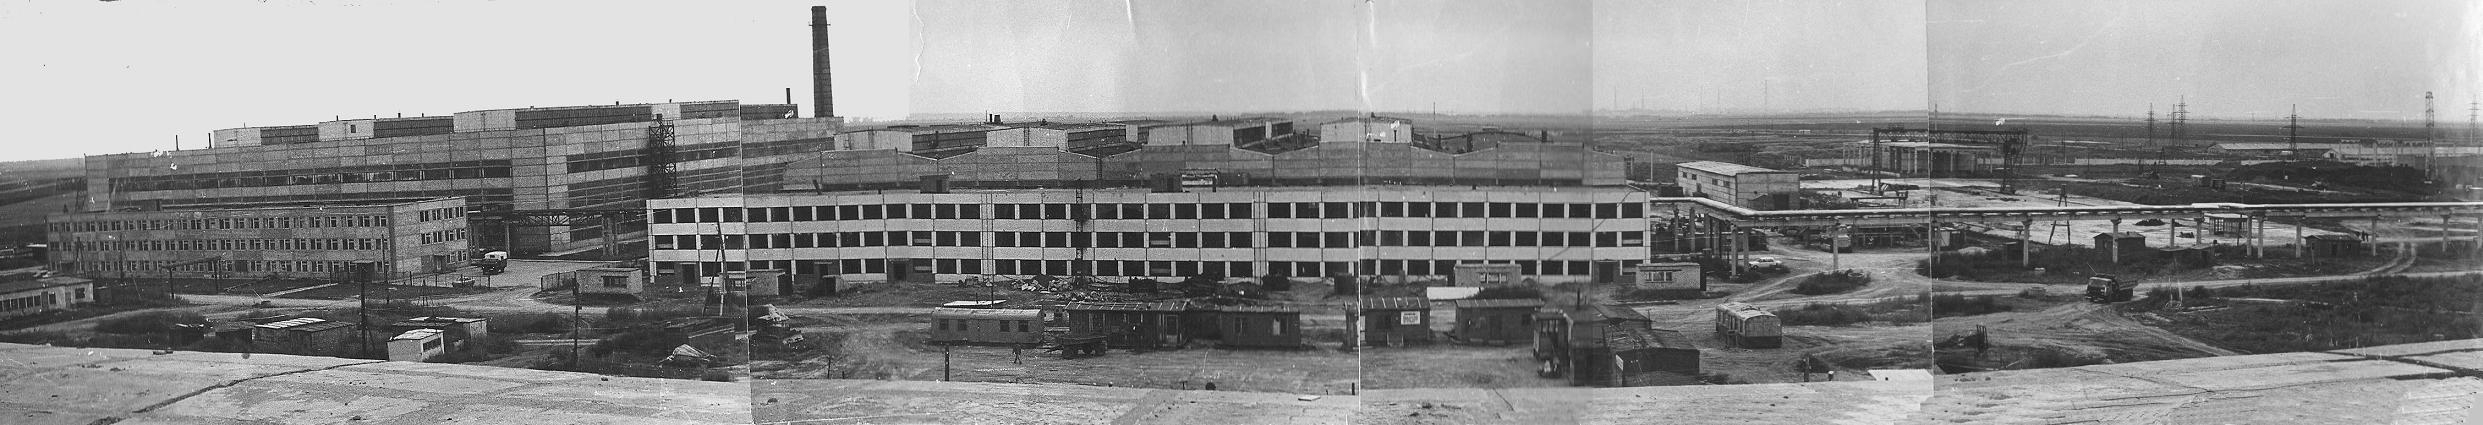 Строительство завода 1979г.